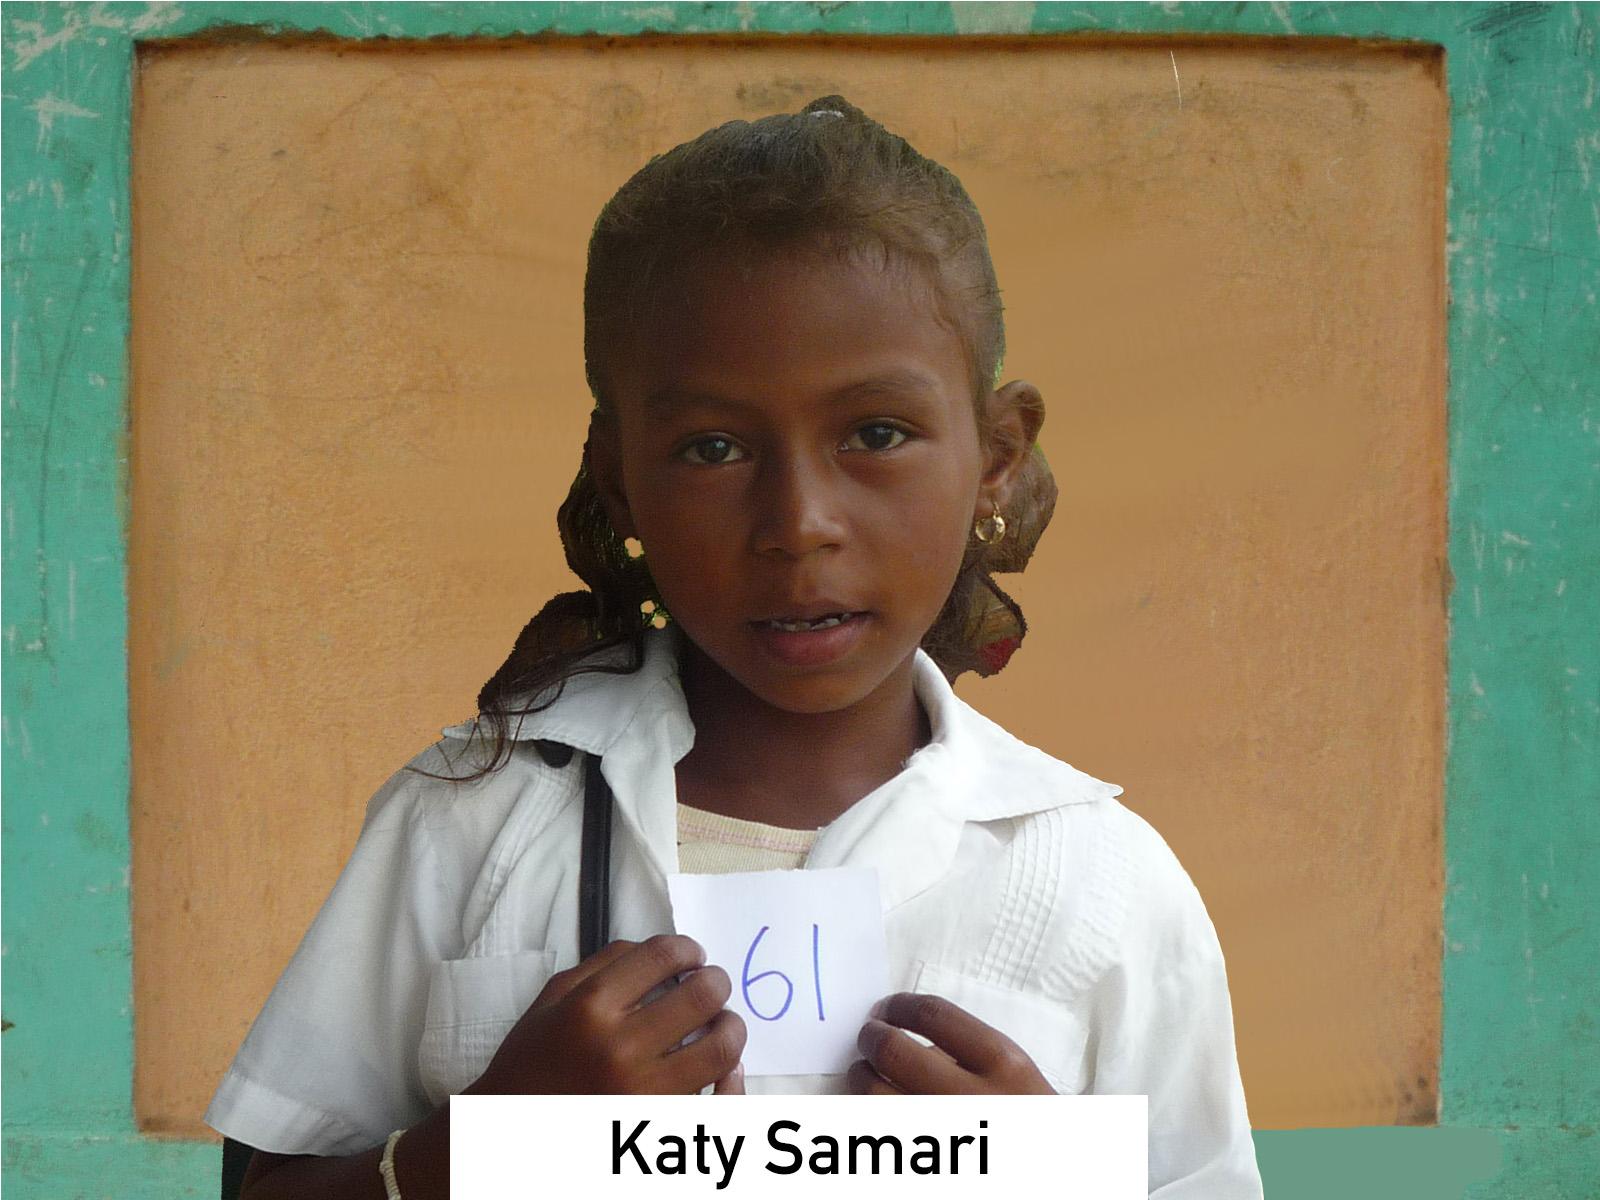 061 - Katy Samari.jpg